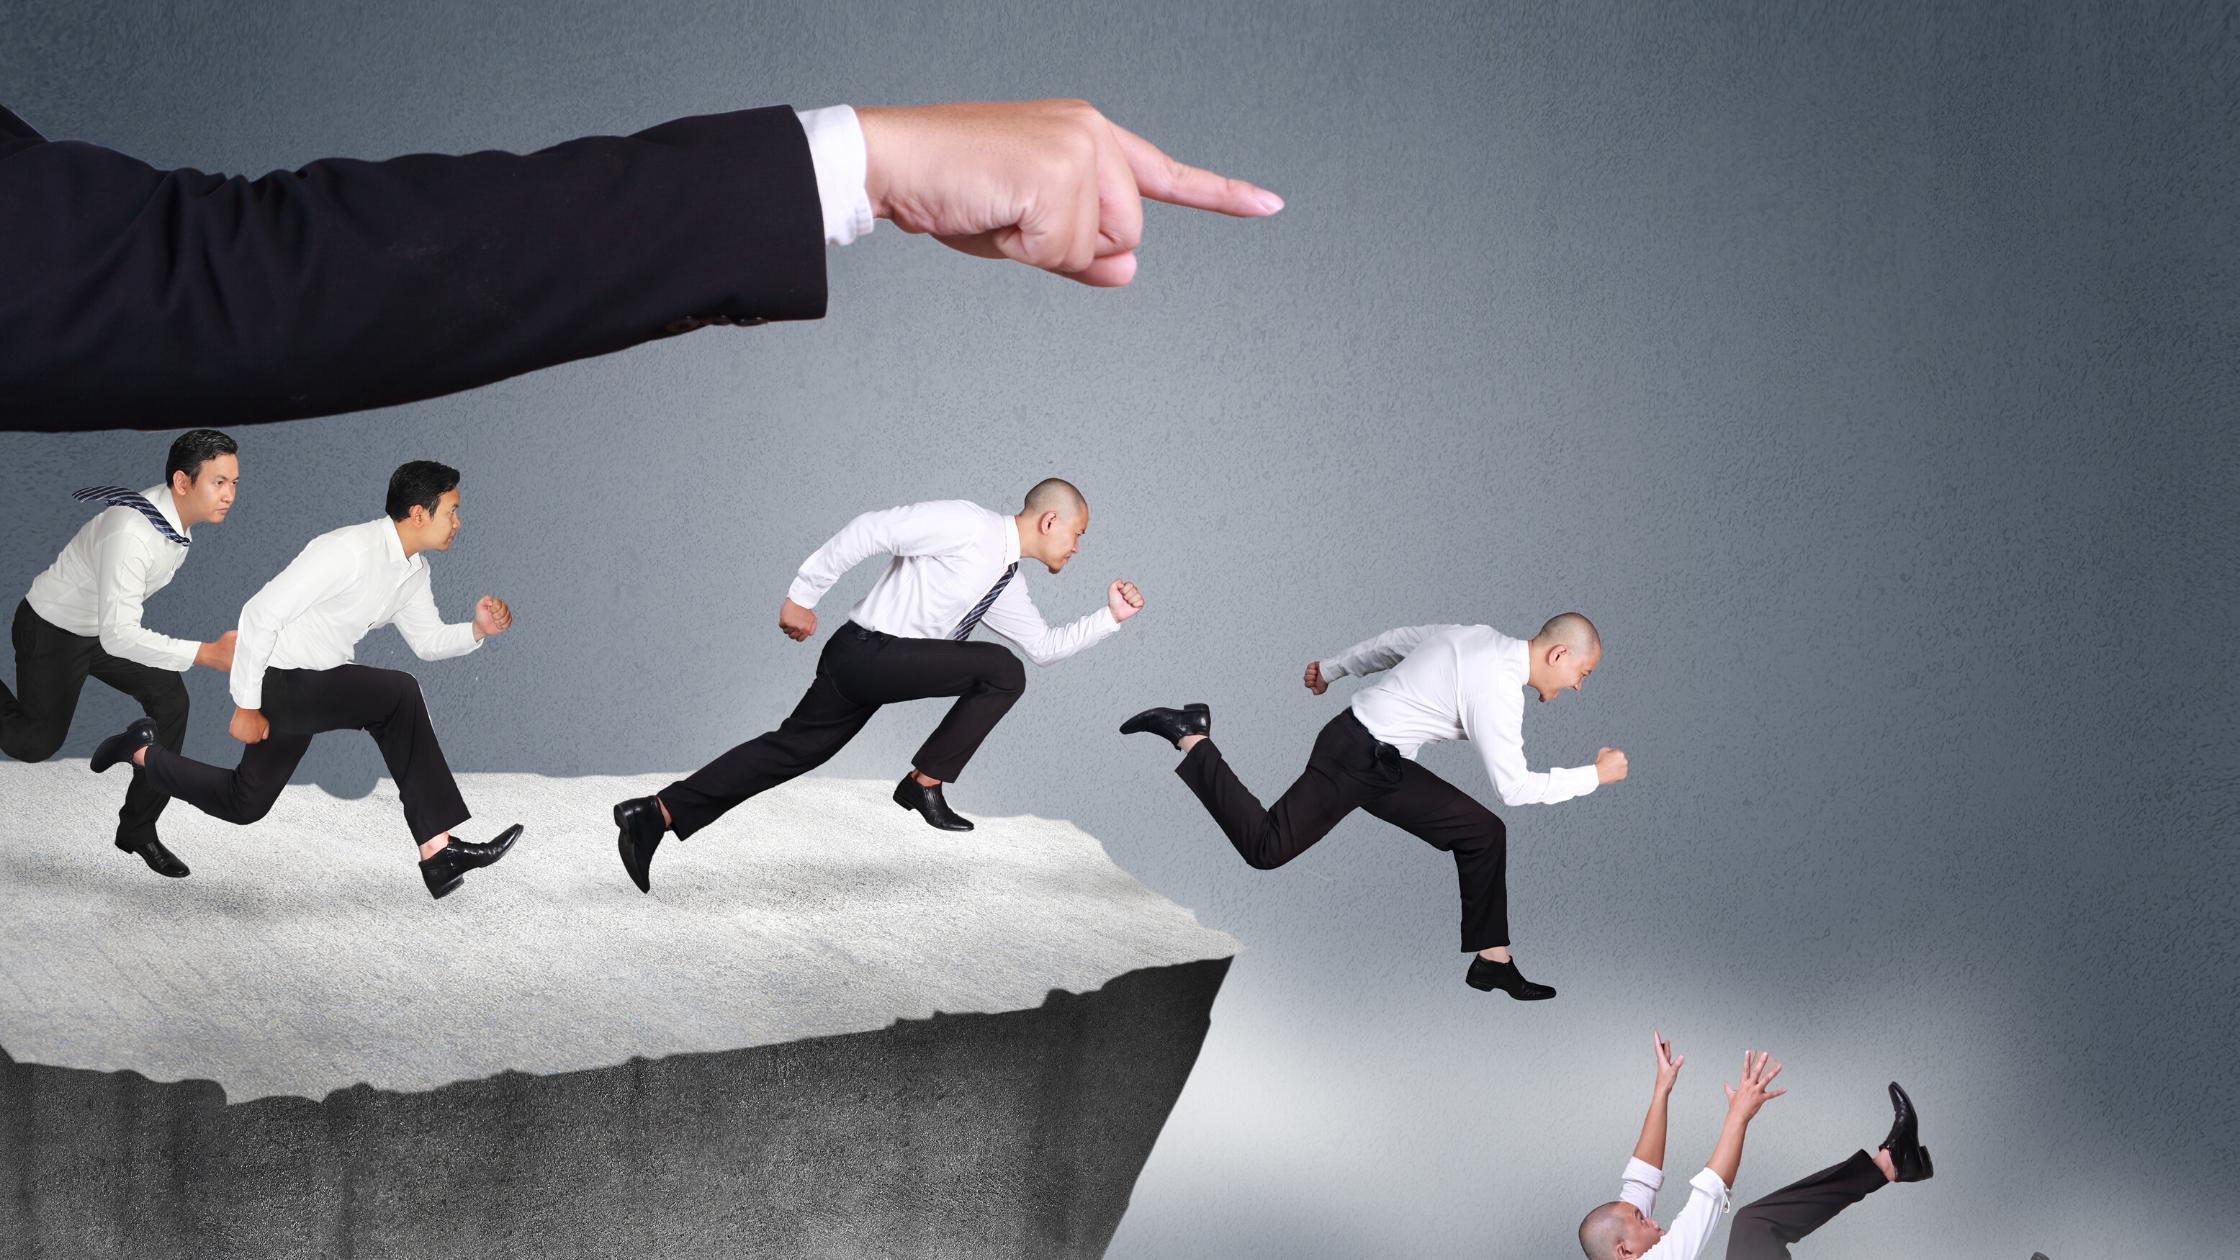 Ce inseamna obiceiurile neproductive in afaceri